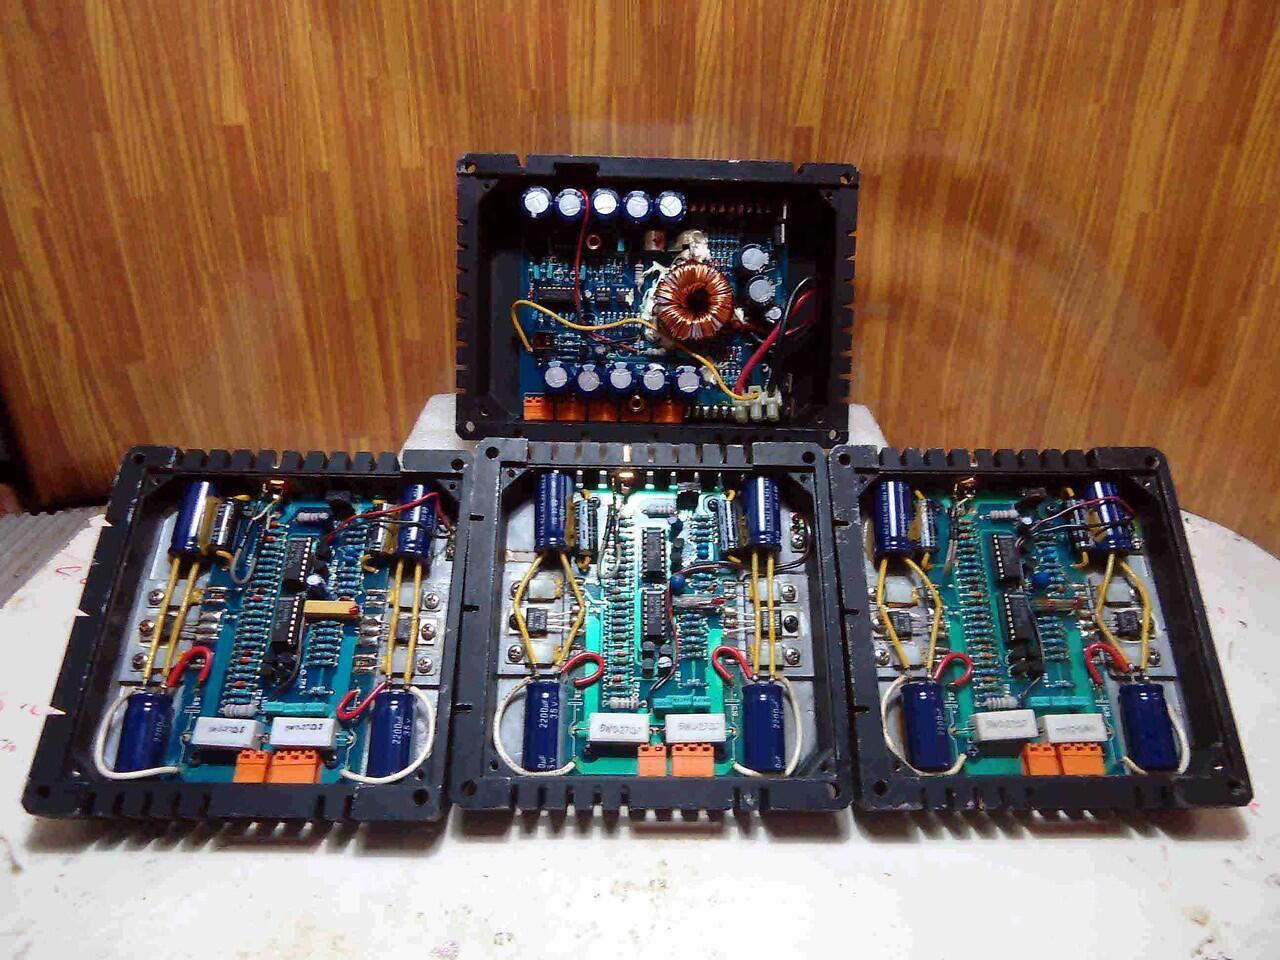 POWER AMA 550 MADE IN GERMANY BARANG LANGKA (malang)